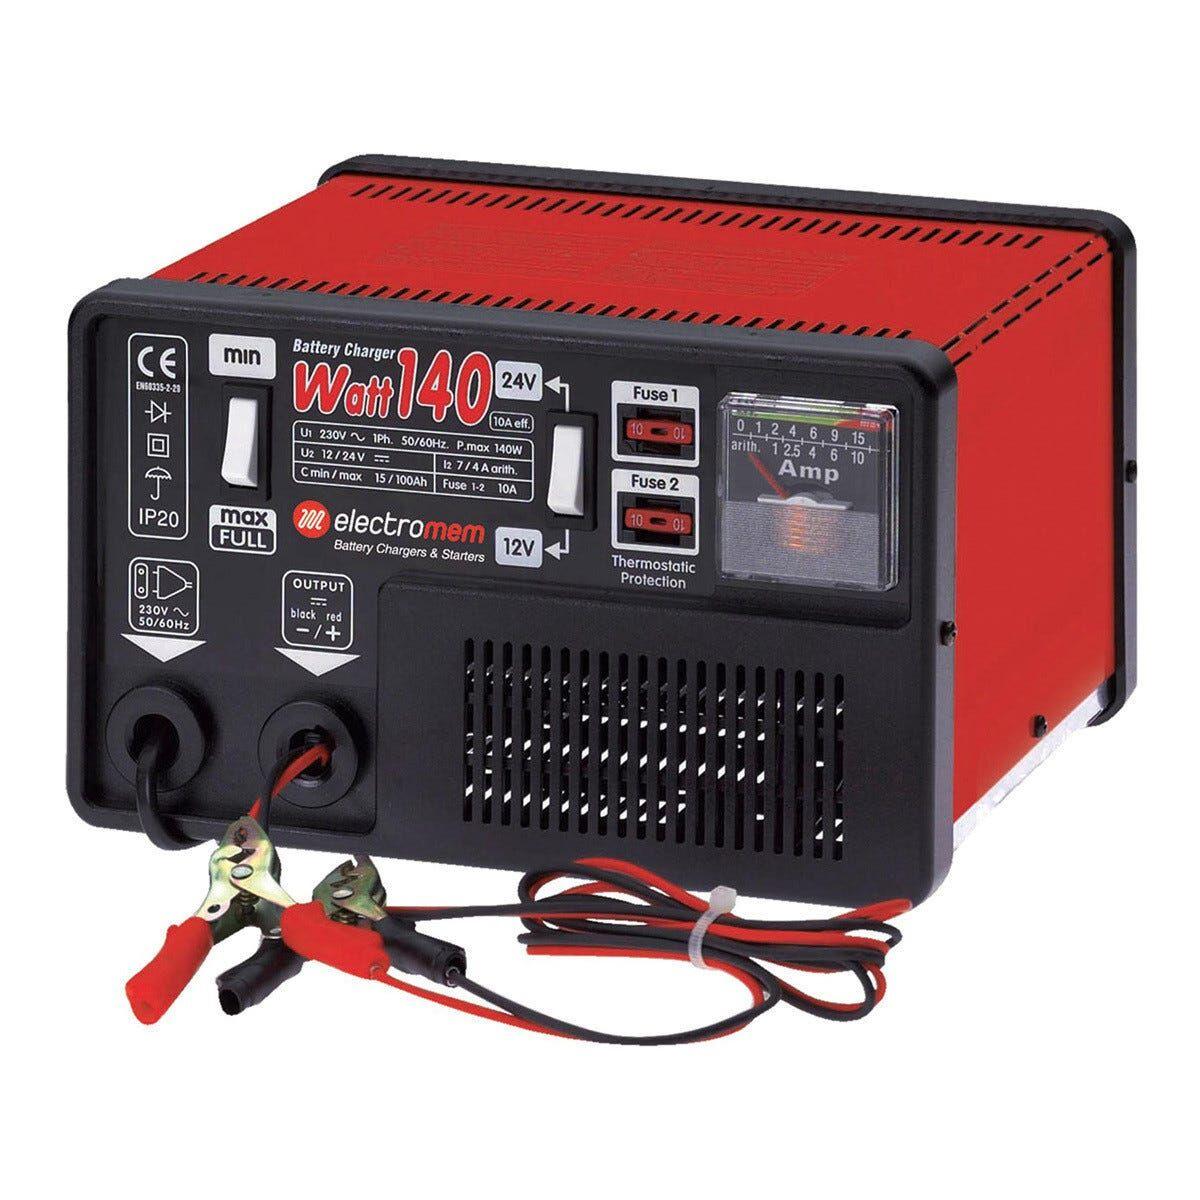 caricabatterie manuale per auto 12/24 v veicoli commerciali furgoni corrente carica 12 a o 6 a